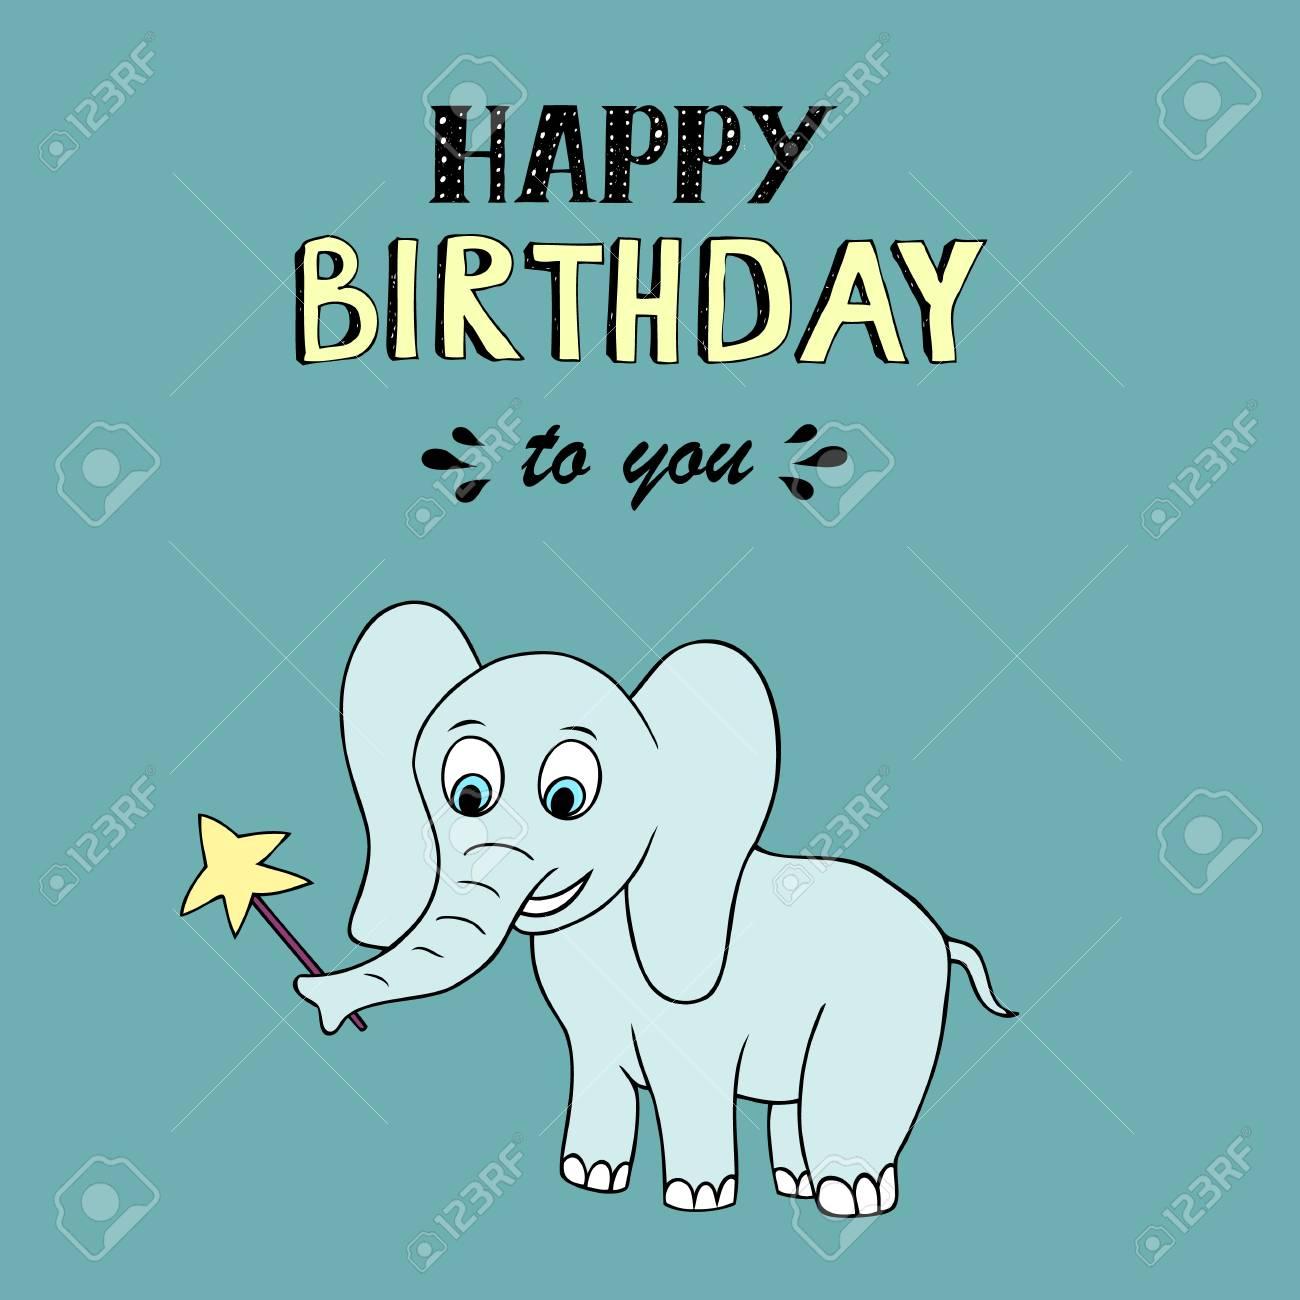 Lettrage Joyeux Anniversaire Illustration Vectorielle Avec Bébé éléphant Bon Pour En Tête Invitation Bannière Carte De Voeux Baby Shower